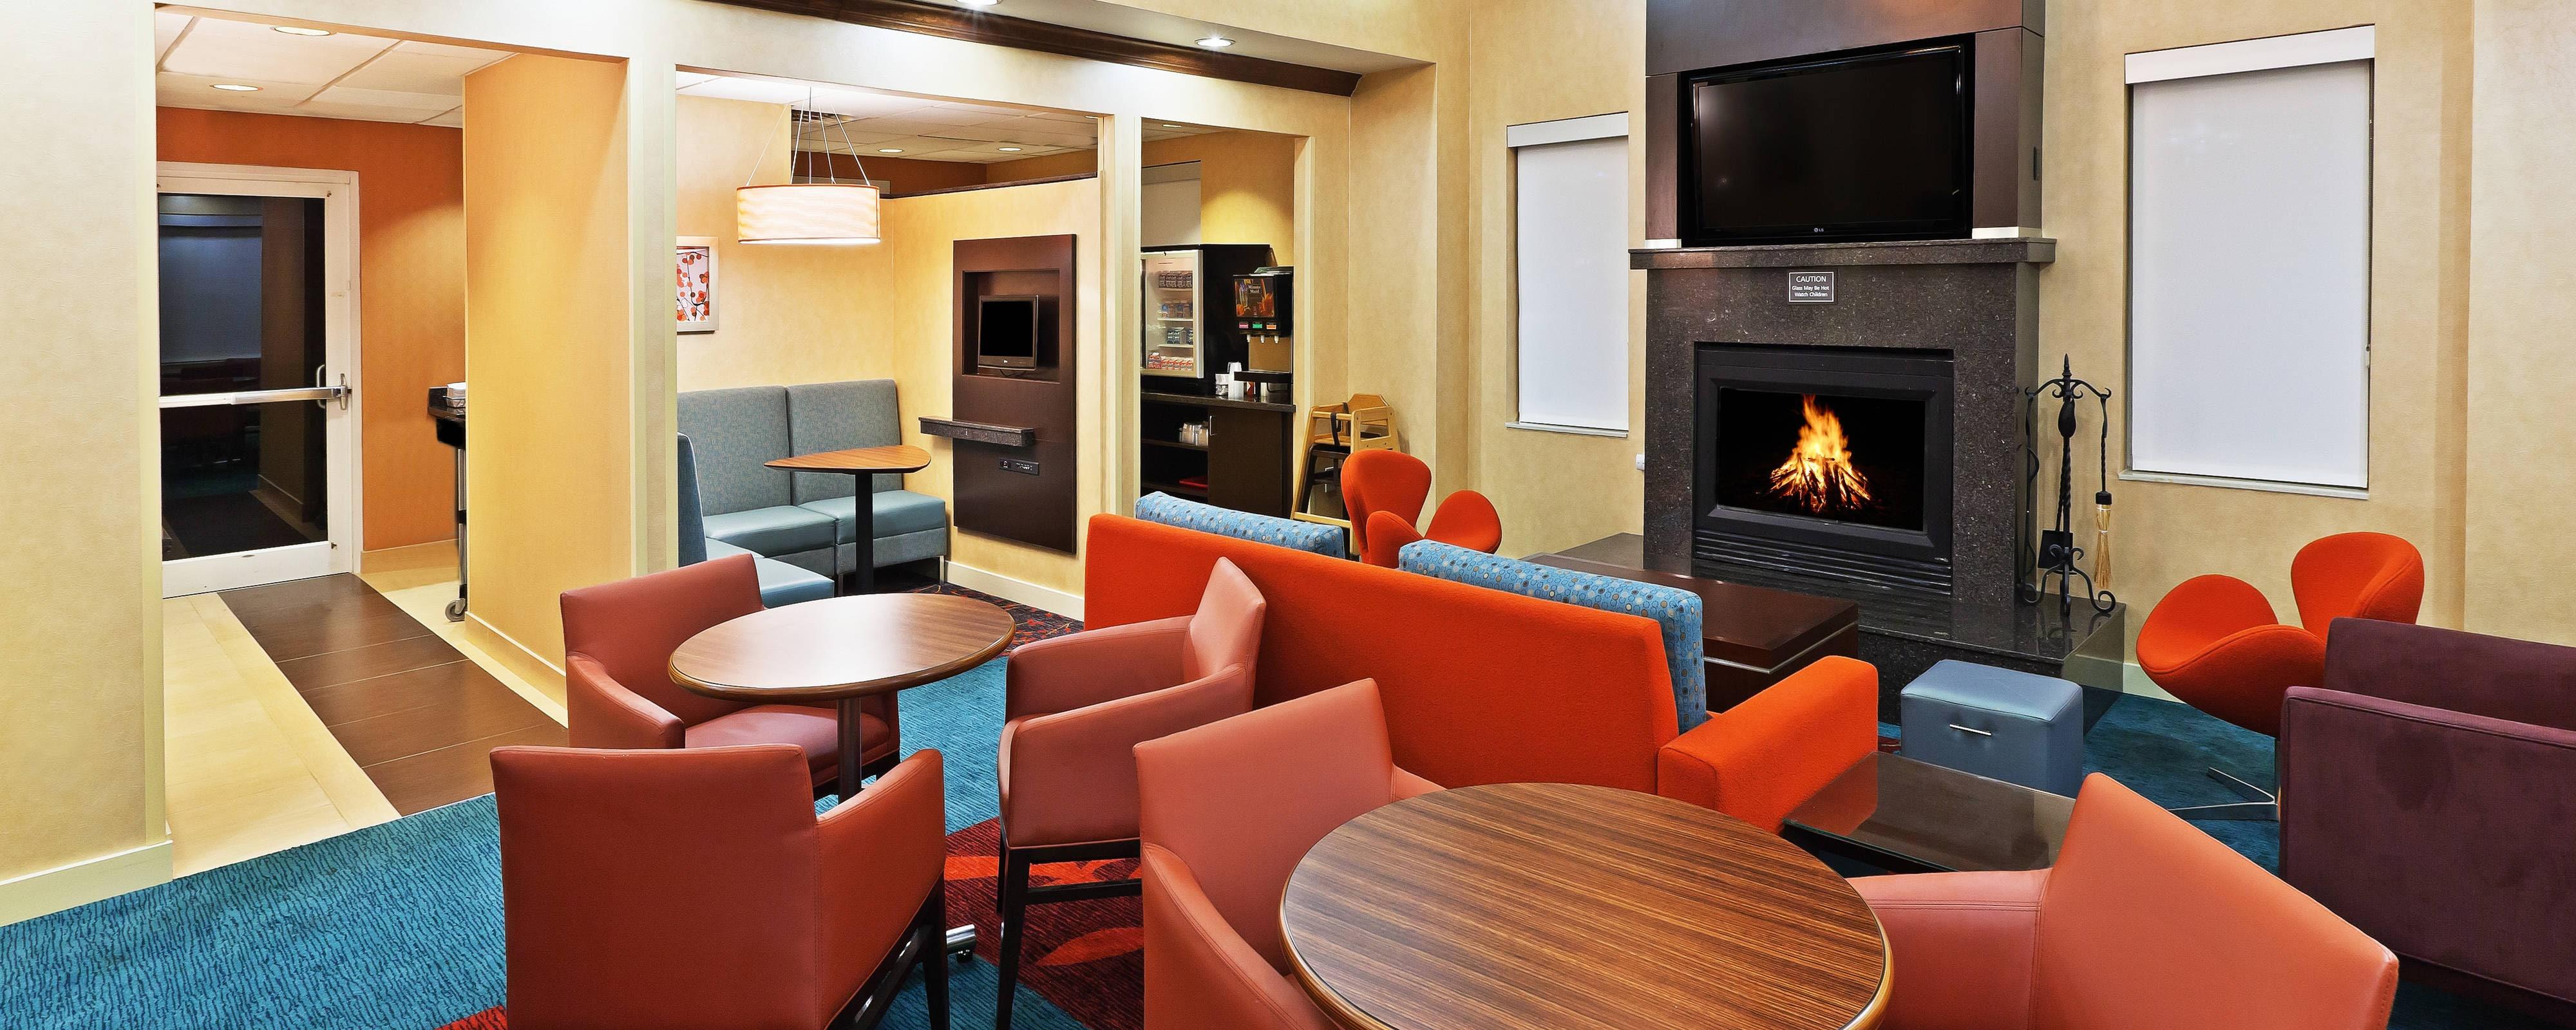 Lobby im Residence Inn